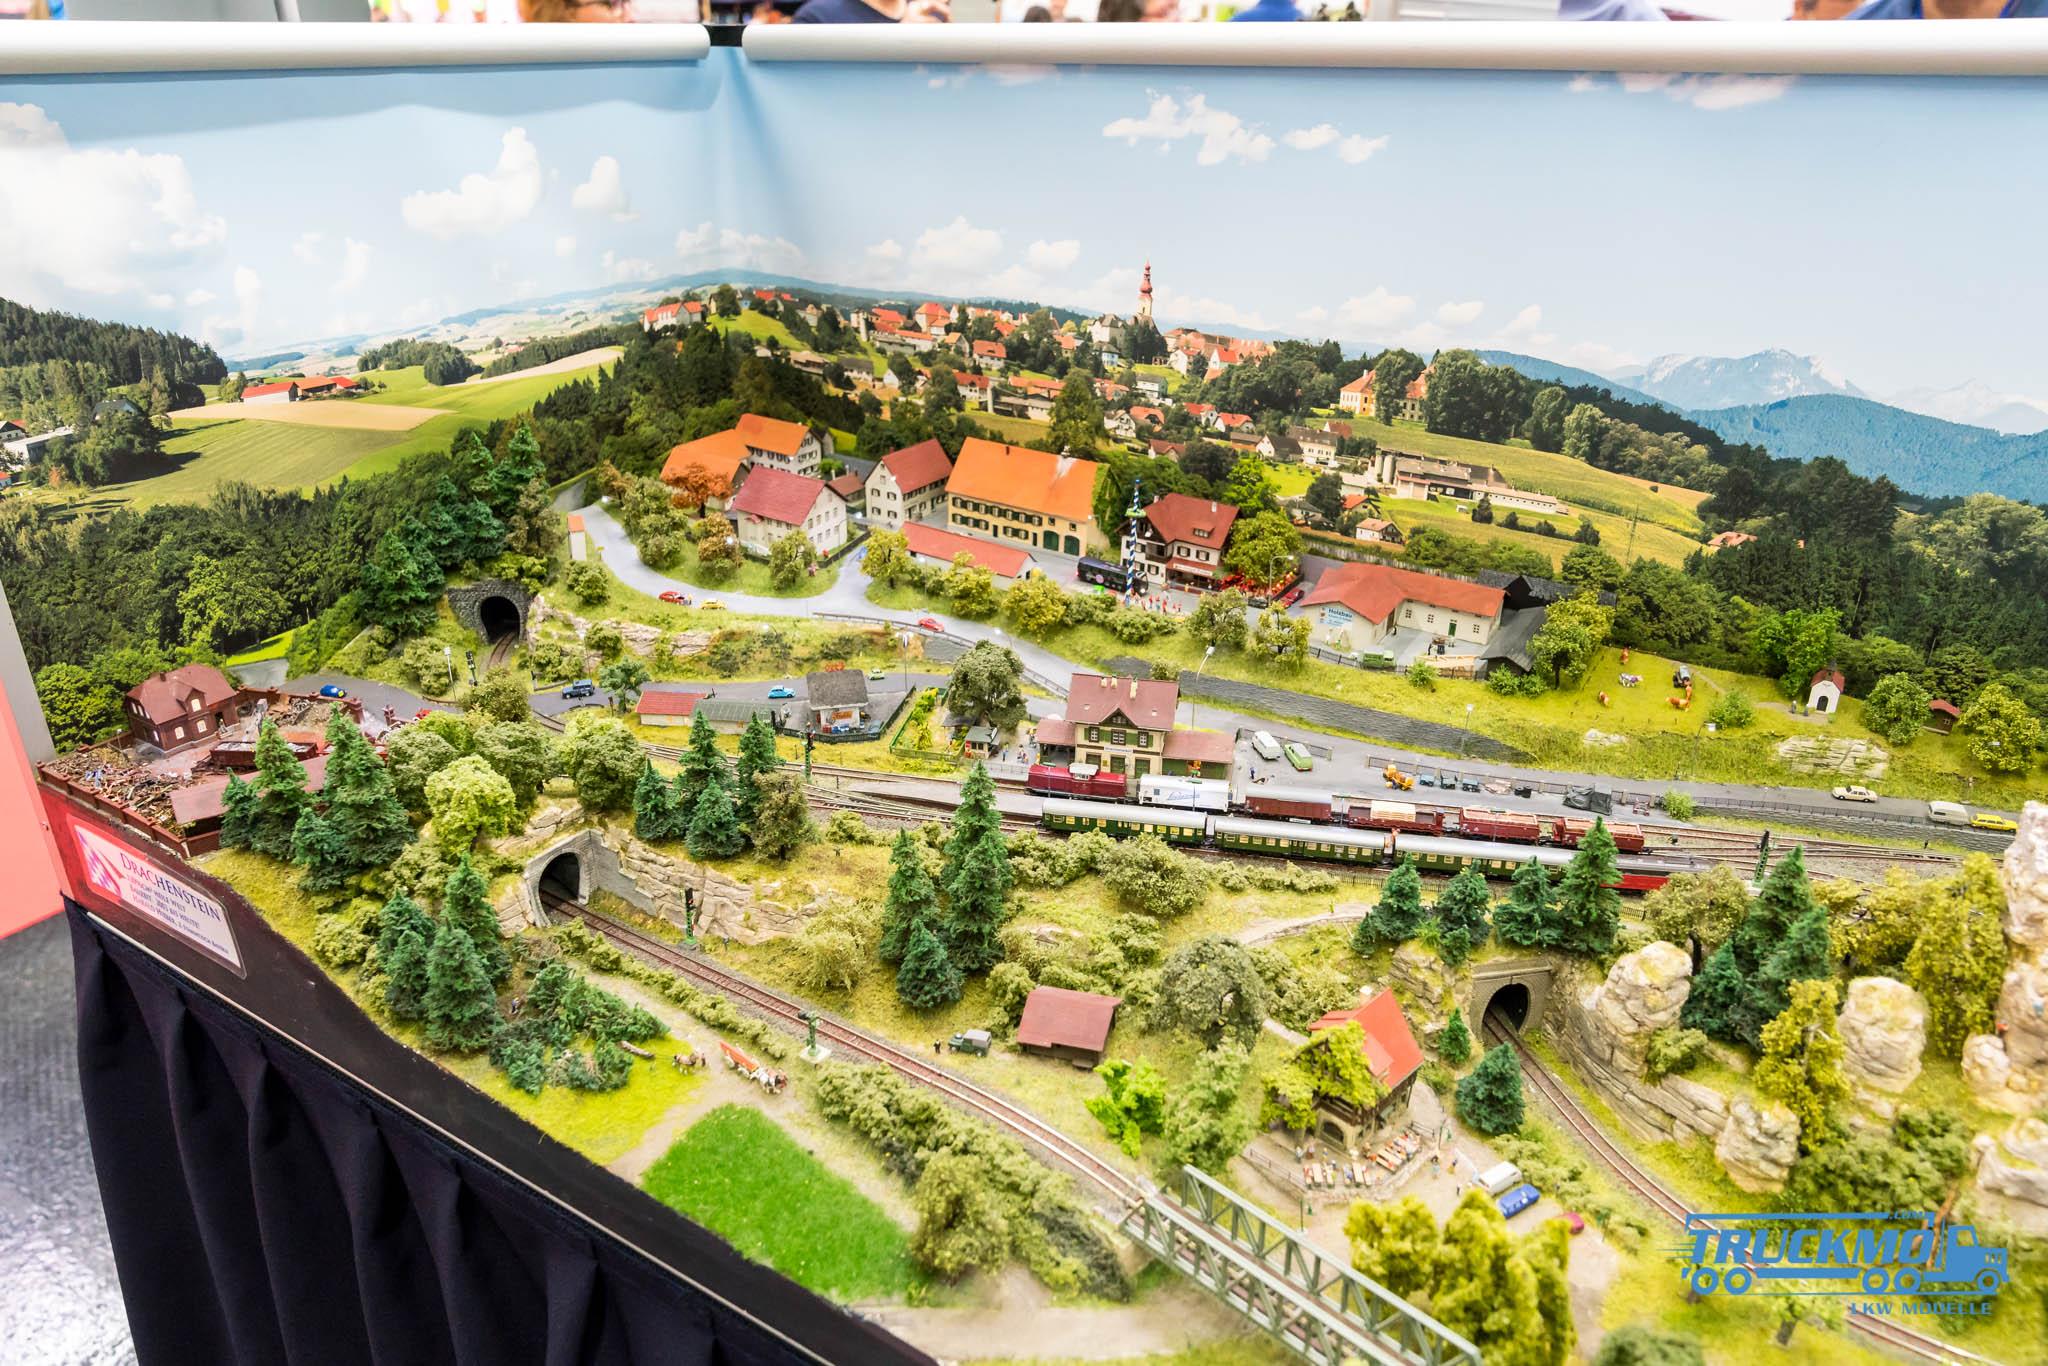 Truckmo_Modellbau_Ried_2017_Herpa_Messe_Modellbauausstellung (102 von 1177)